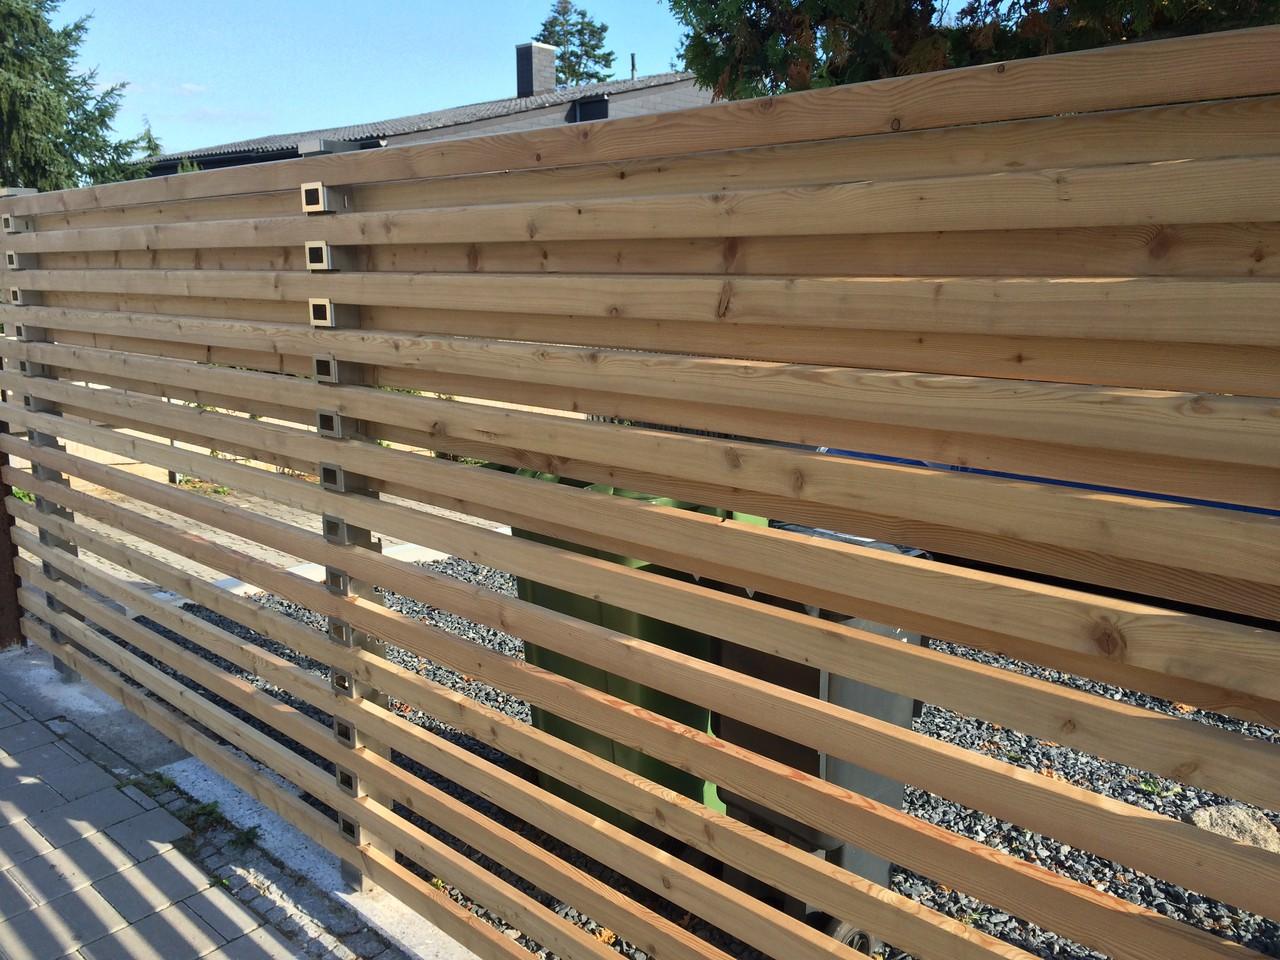 Zaunsystem Trigone verbindet Zaunbau Sichtschutzwände Fassaden